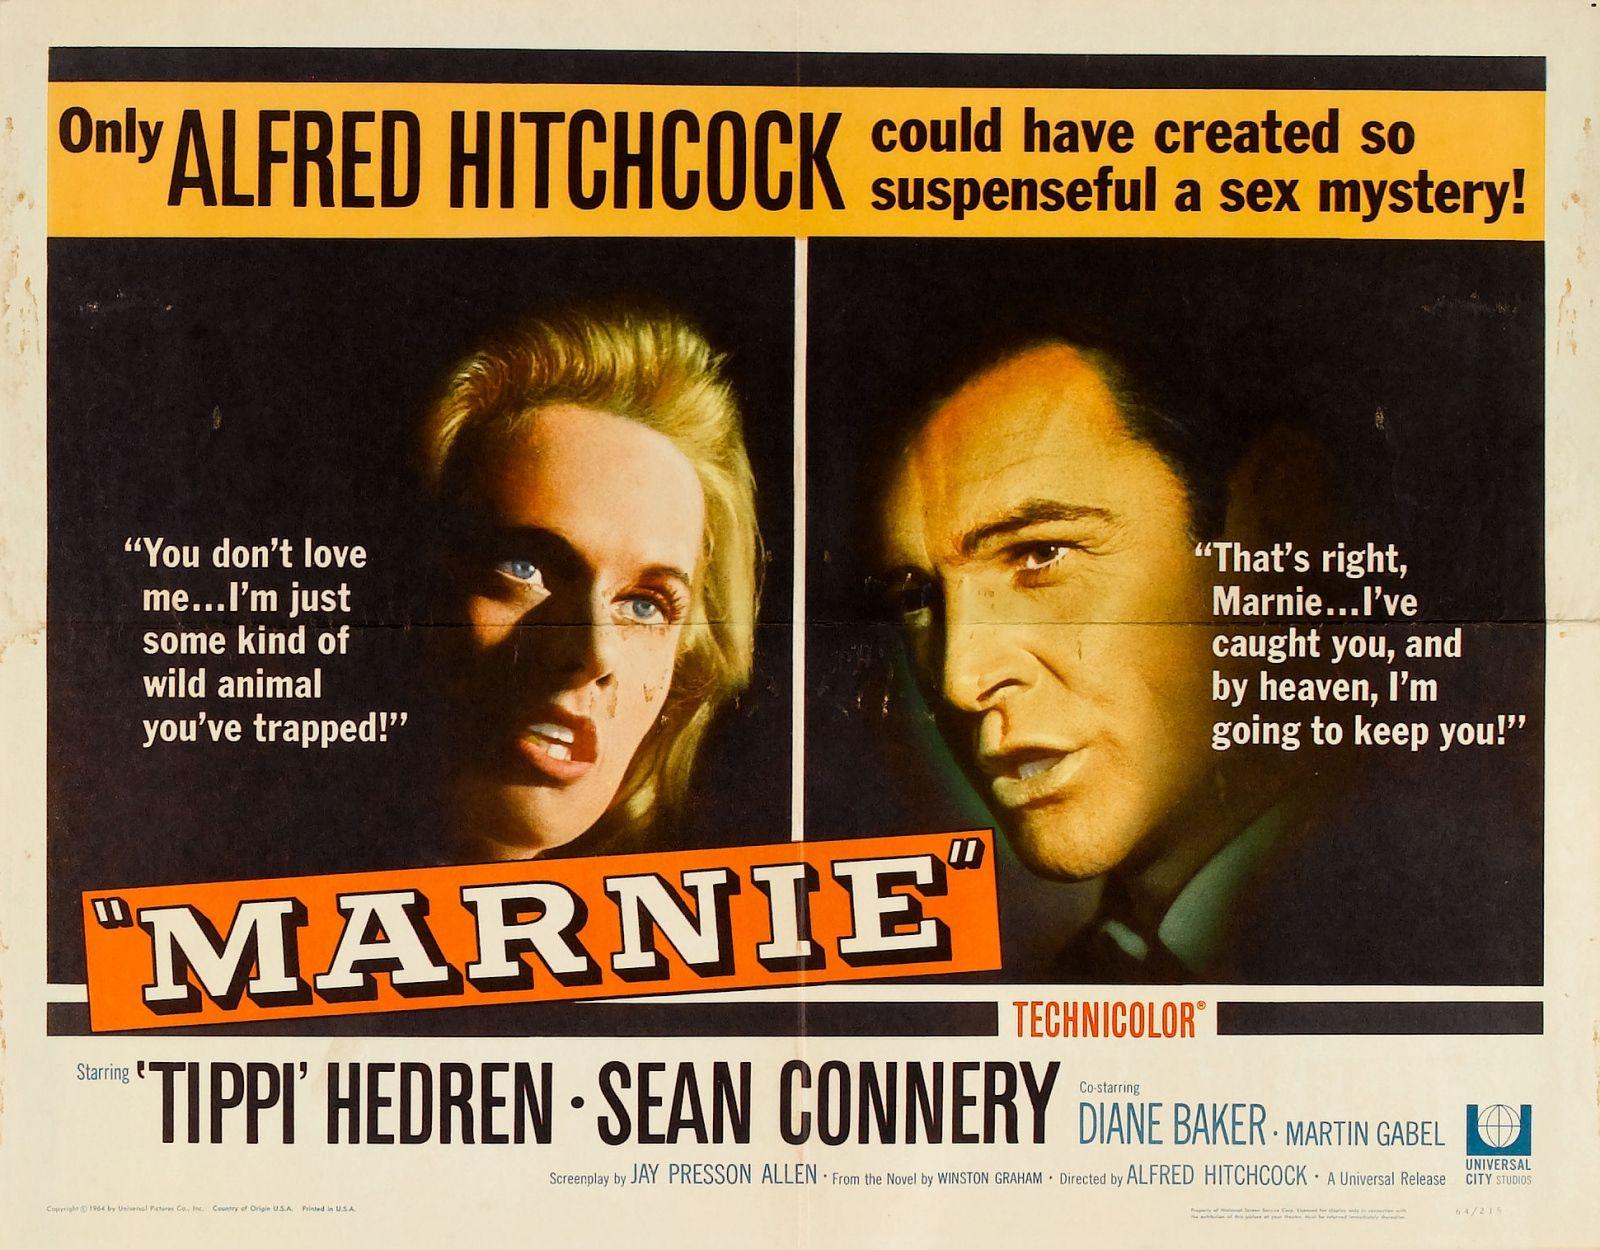 Pas de printemps pour Marnie (Marnie) film américain, du genre suspense-thriller, réalisé par Alfred Hitchcock et sorti sur les écrans en novembre 1964